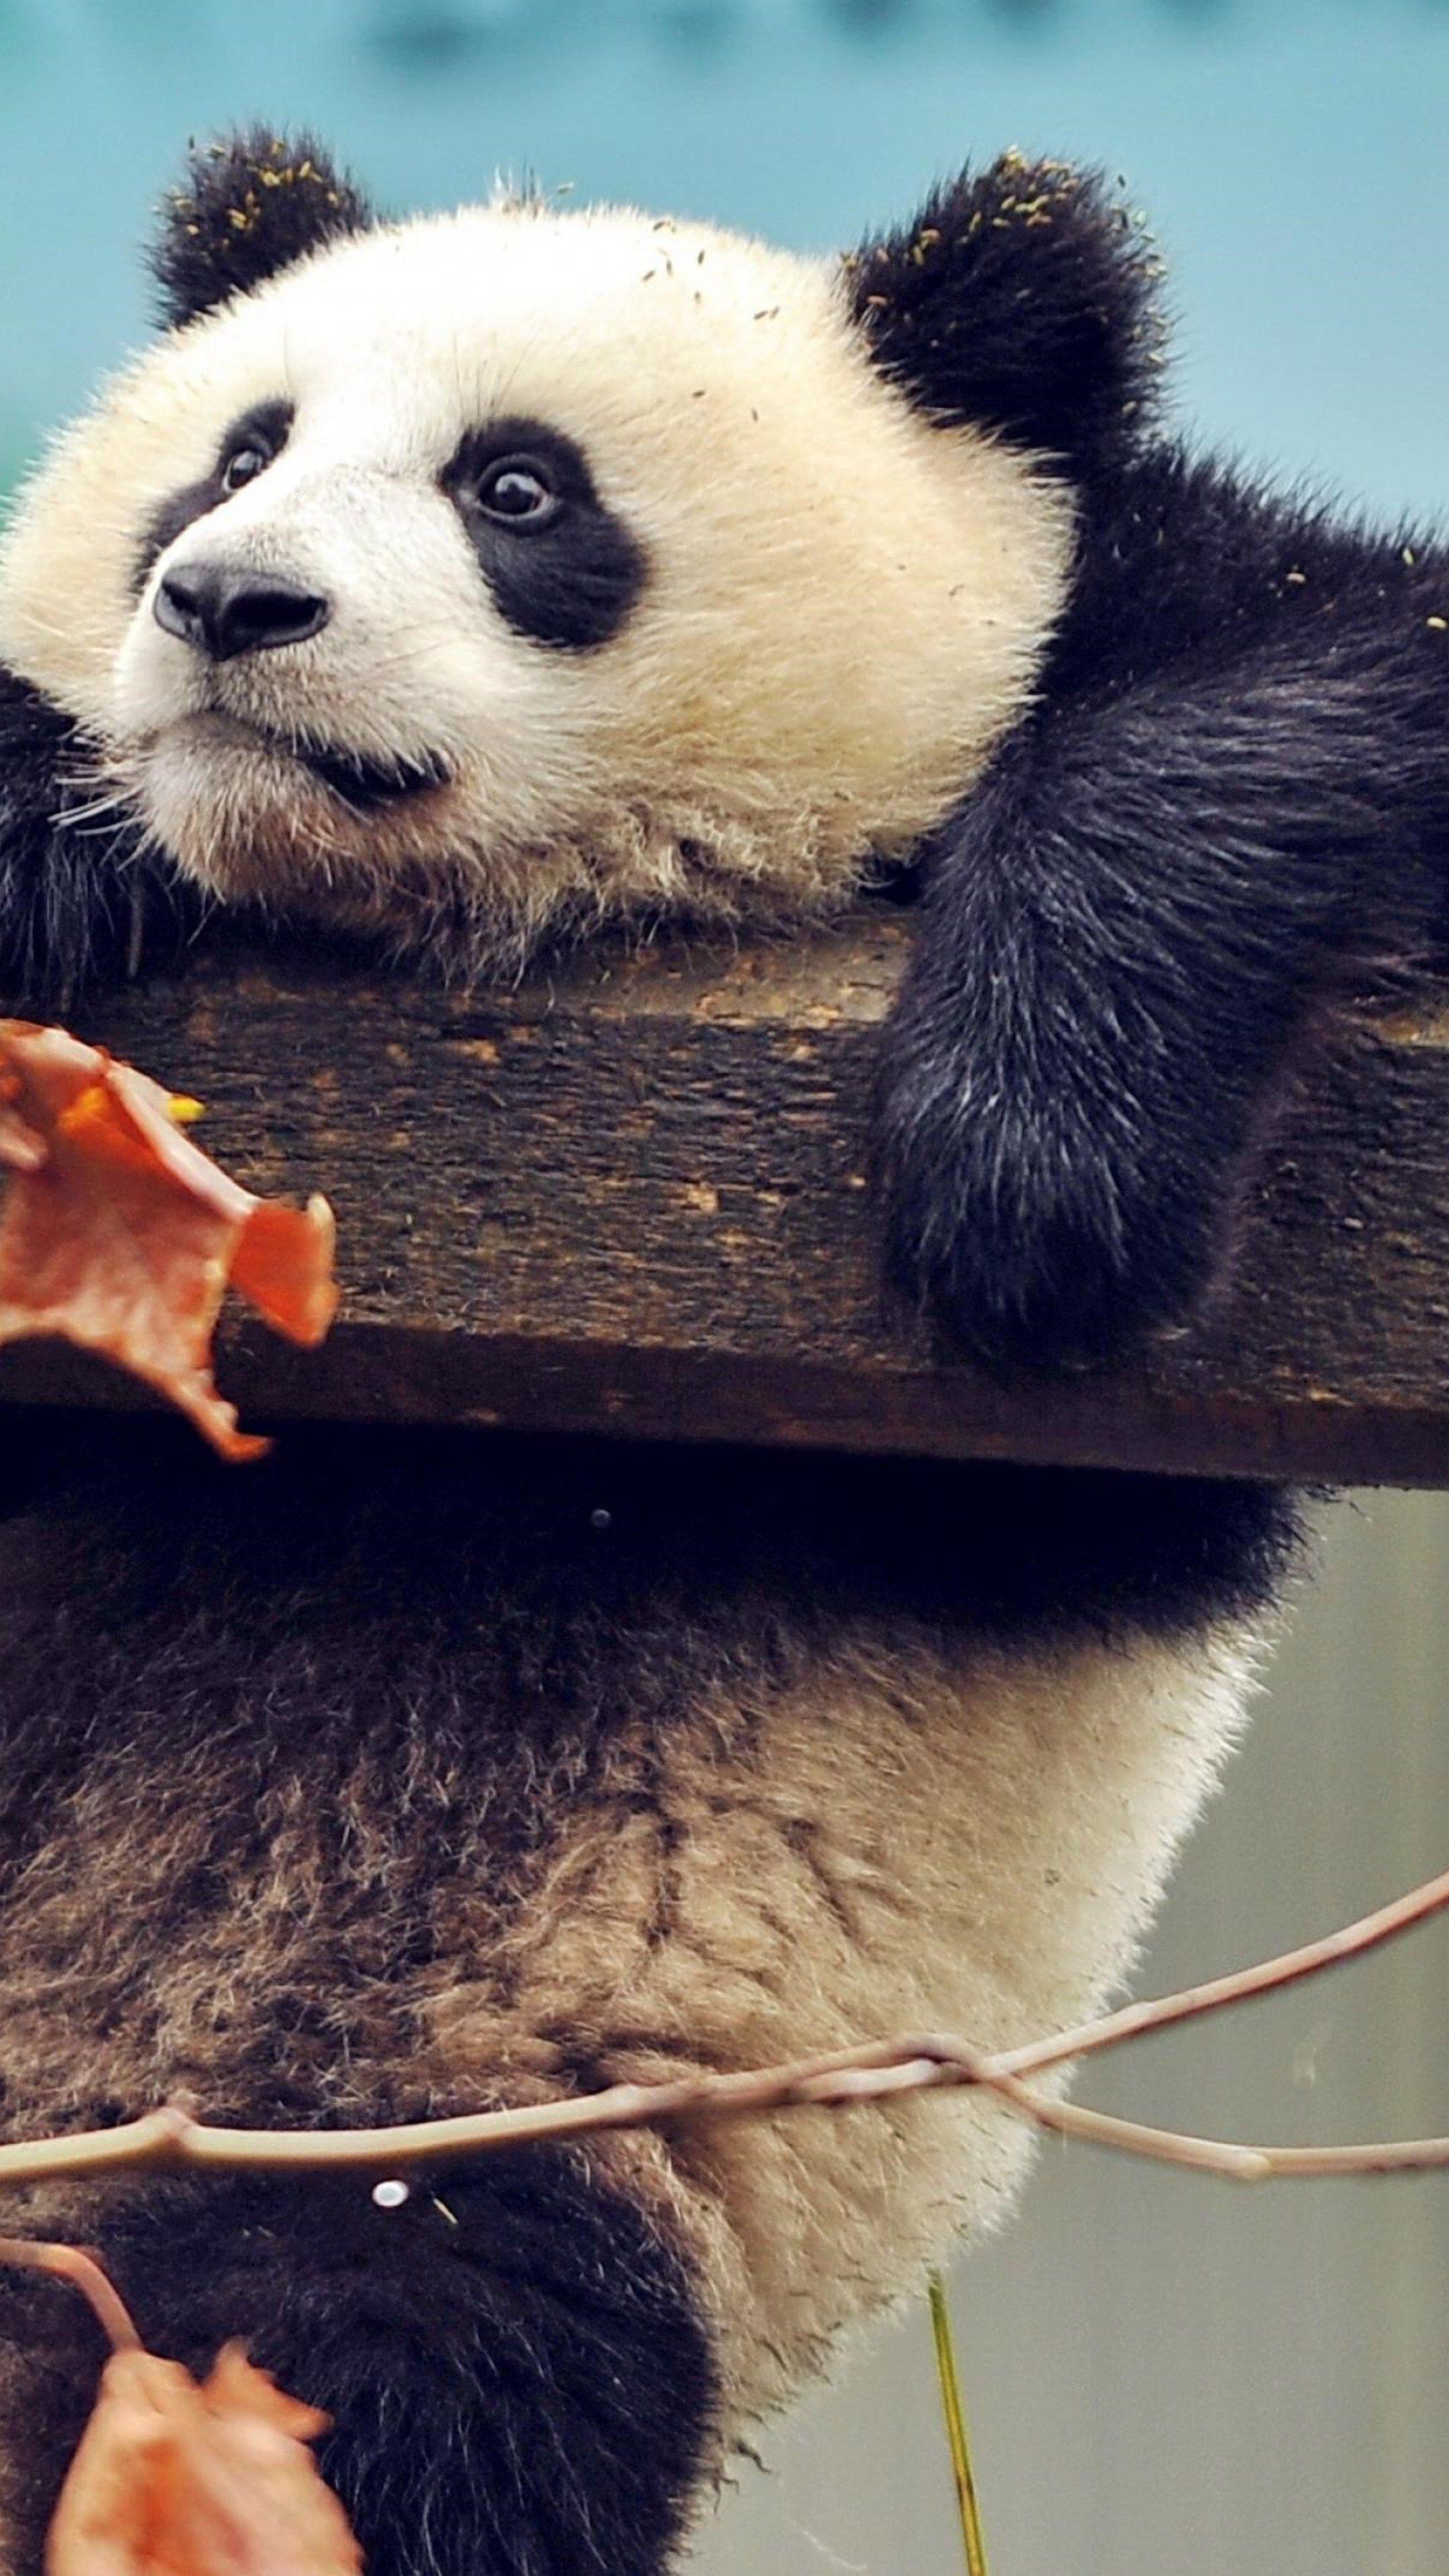 Animals Cute Panda Wallpapers Cute Panda Wallpaper Panda Wallpapers Animal Wallpaper